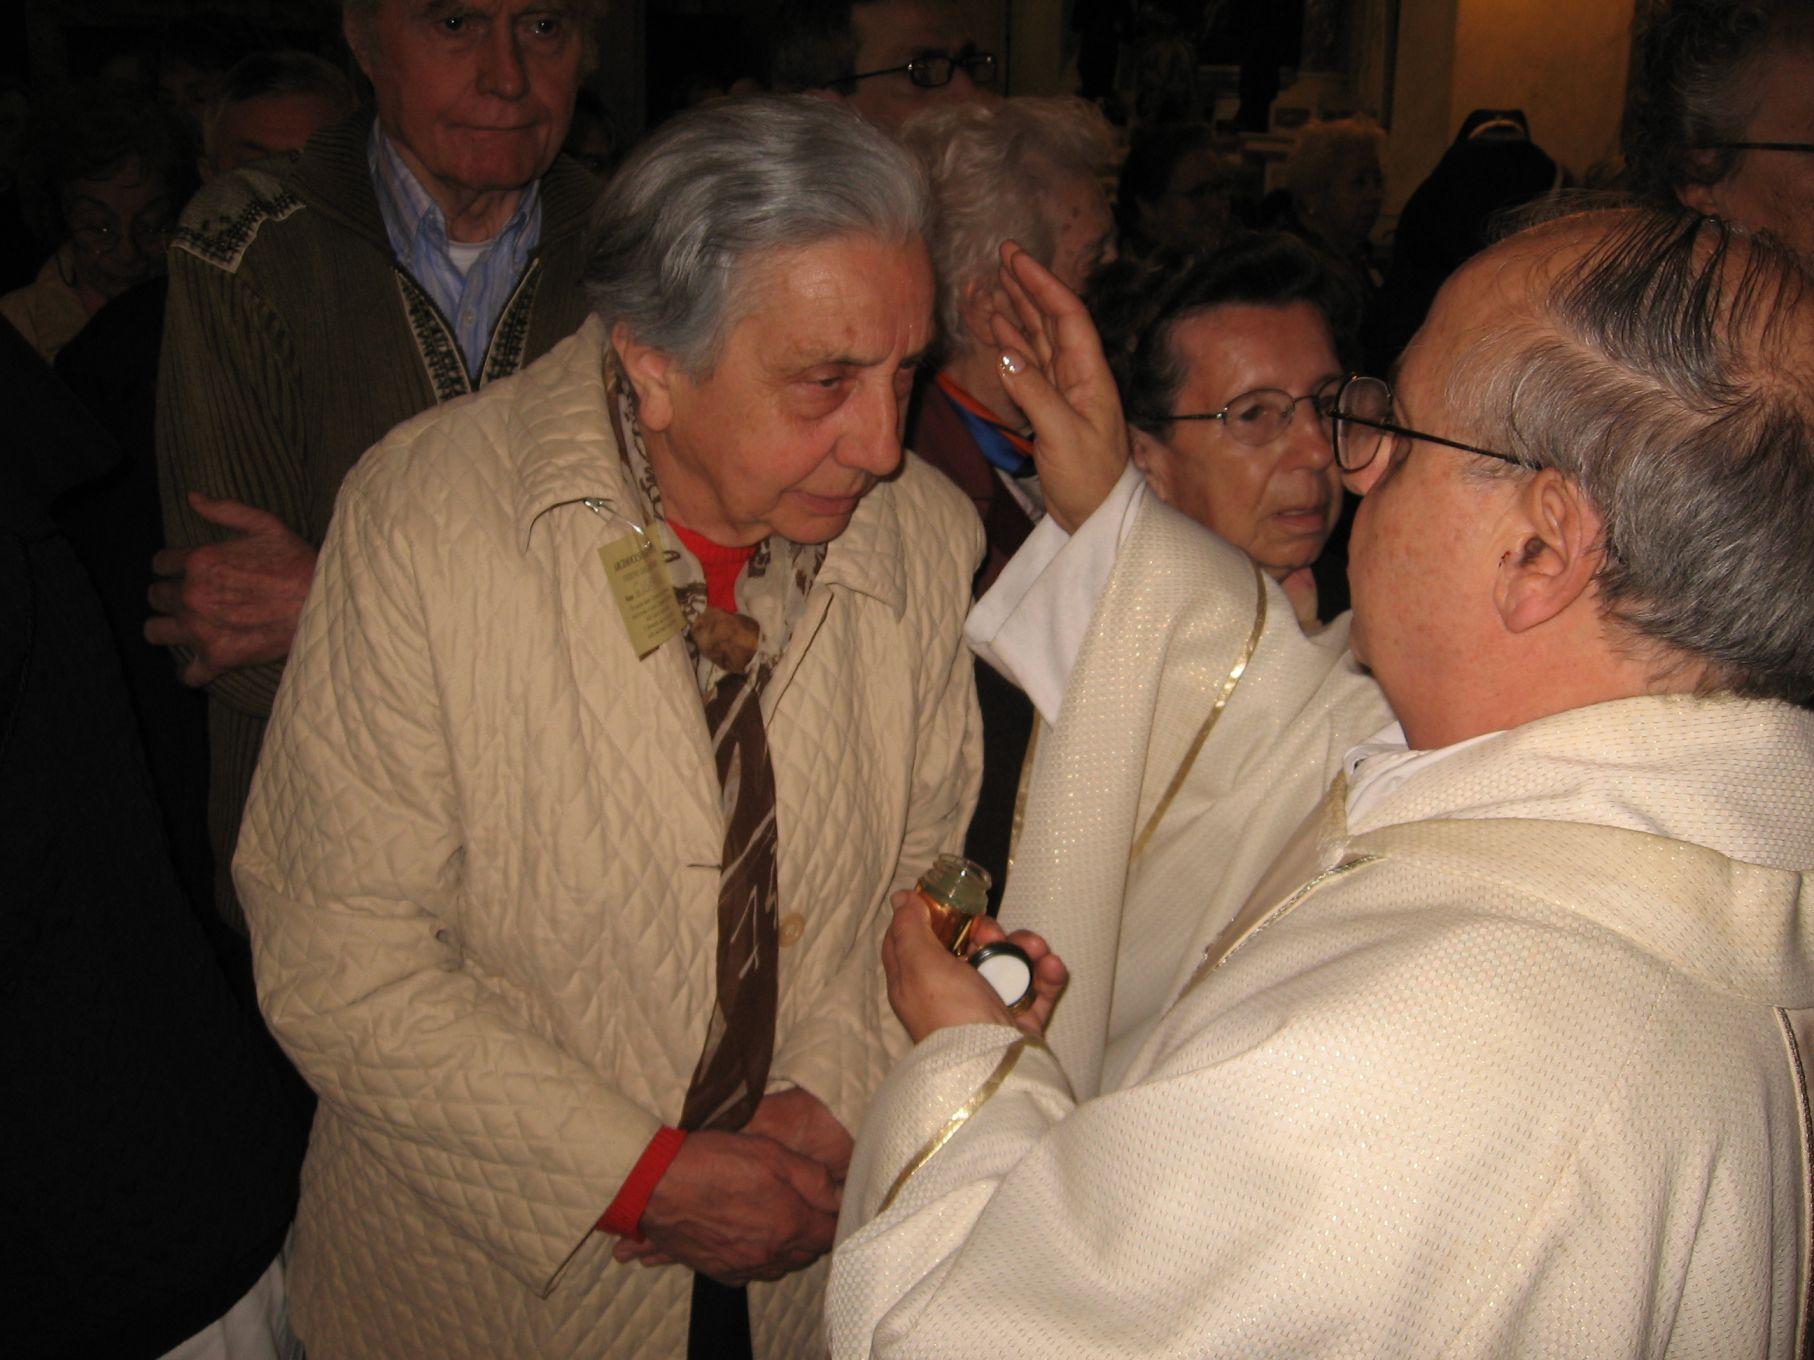 Giornata_del_Malato-2009-04-19--16.13.26